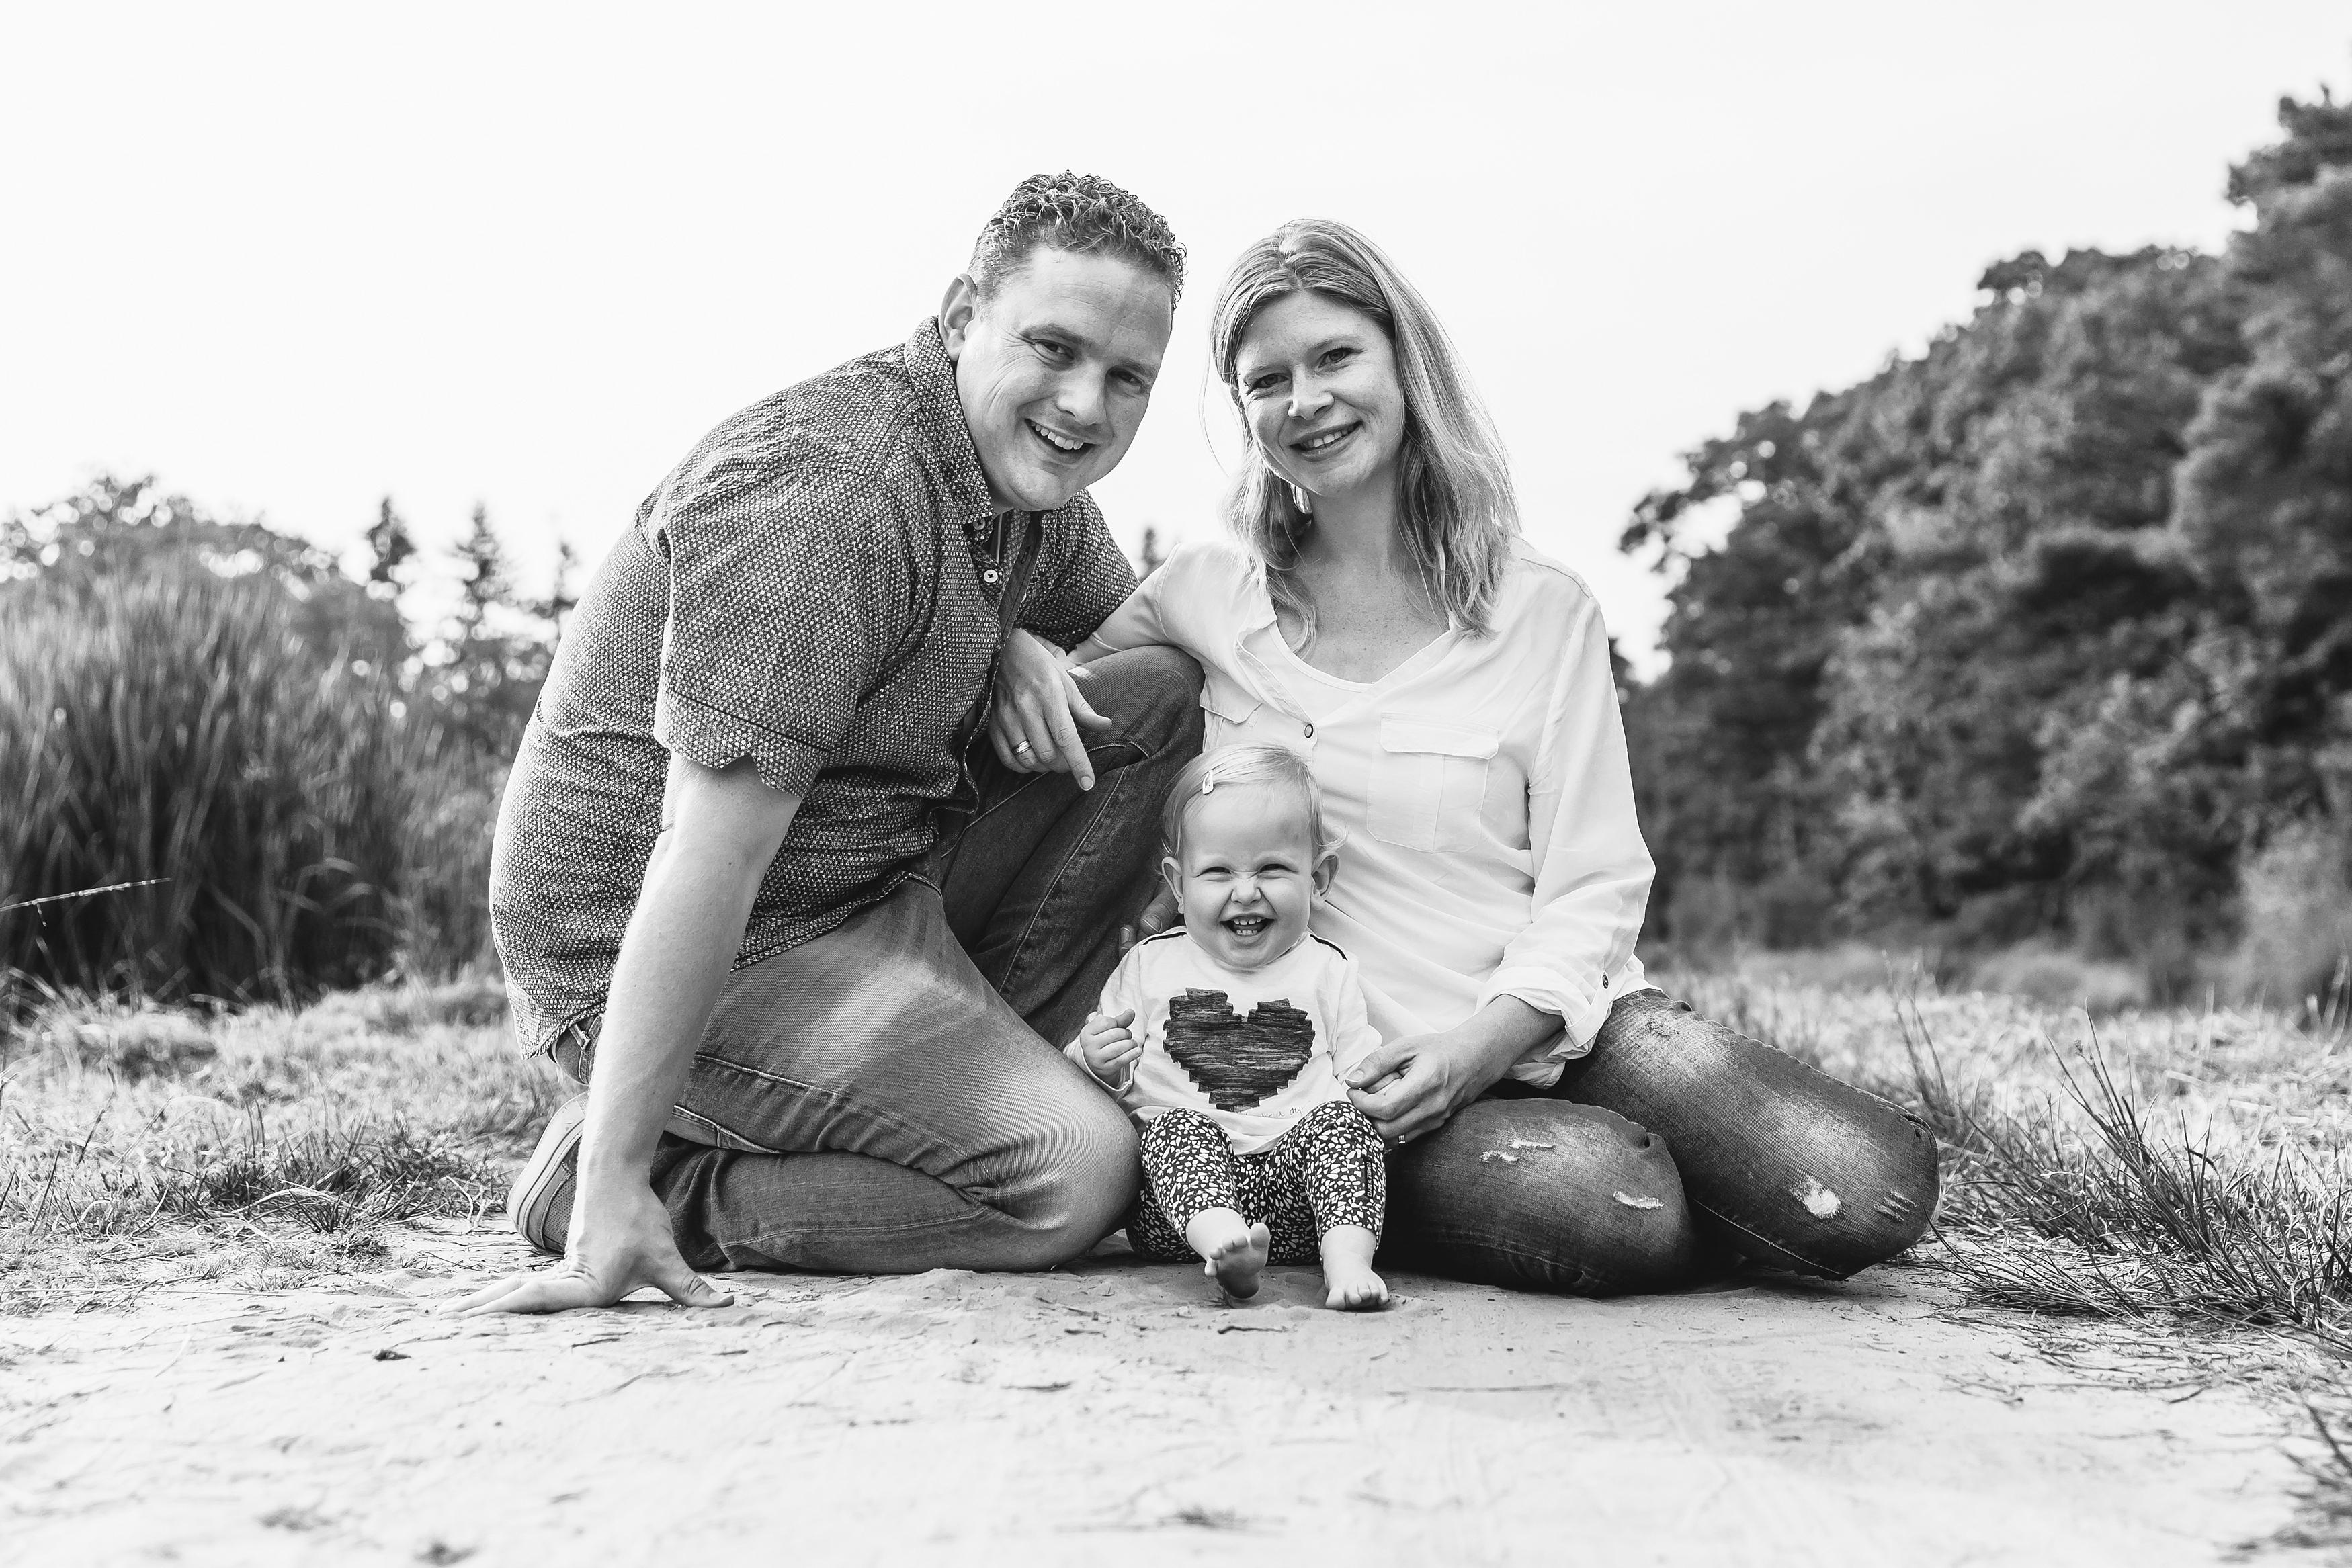 gezinsfotografie op locatie